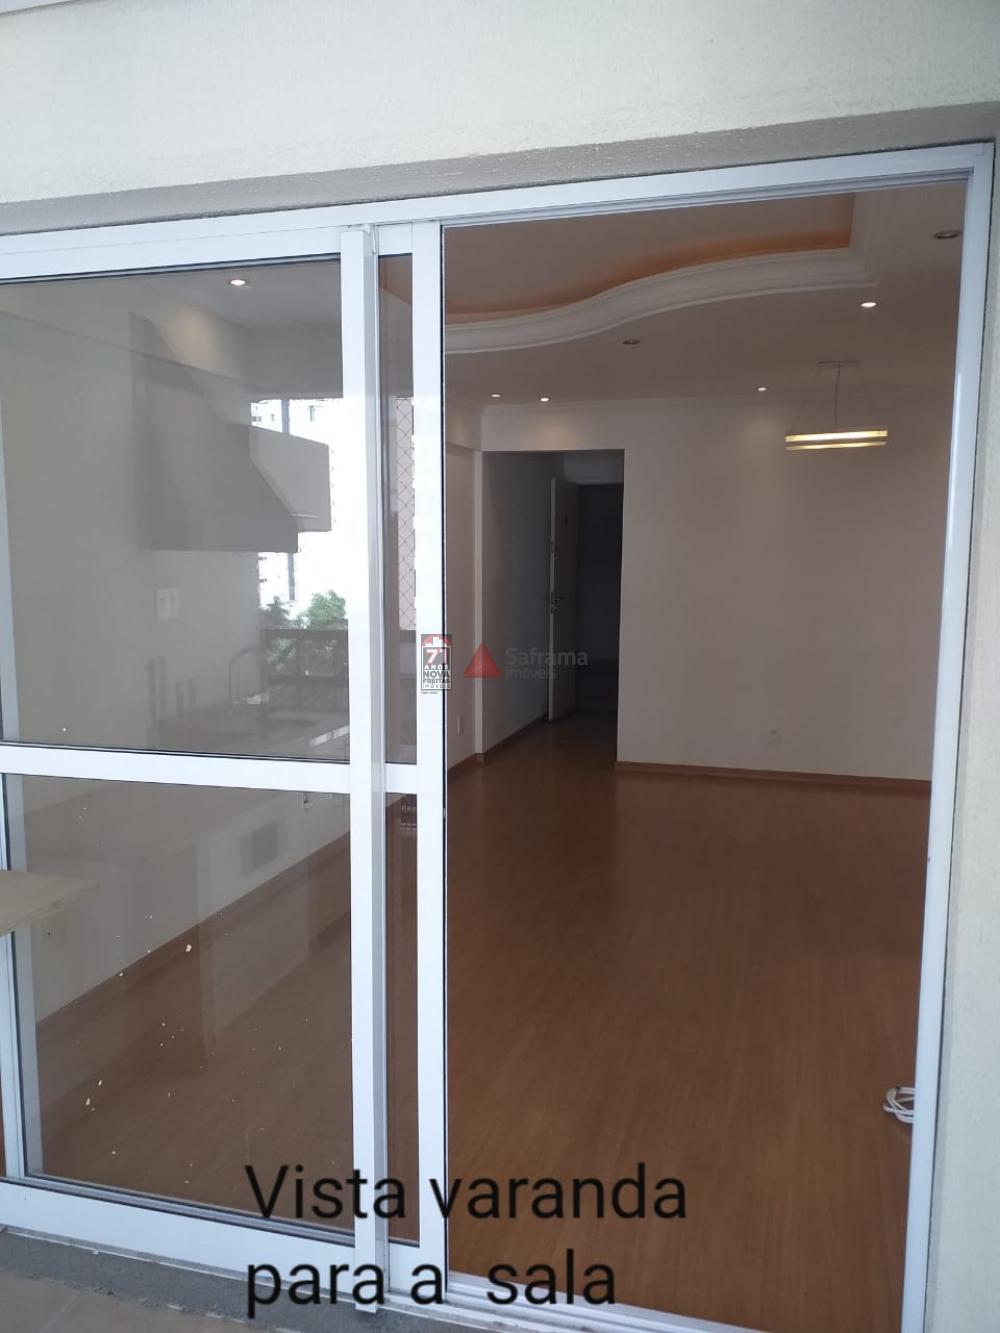 Comprar Apartamento / Padrão em São José dos Campos apenas R$ 550.000,00 - Foto 1